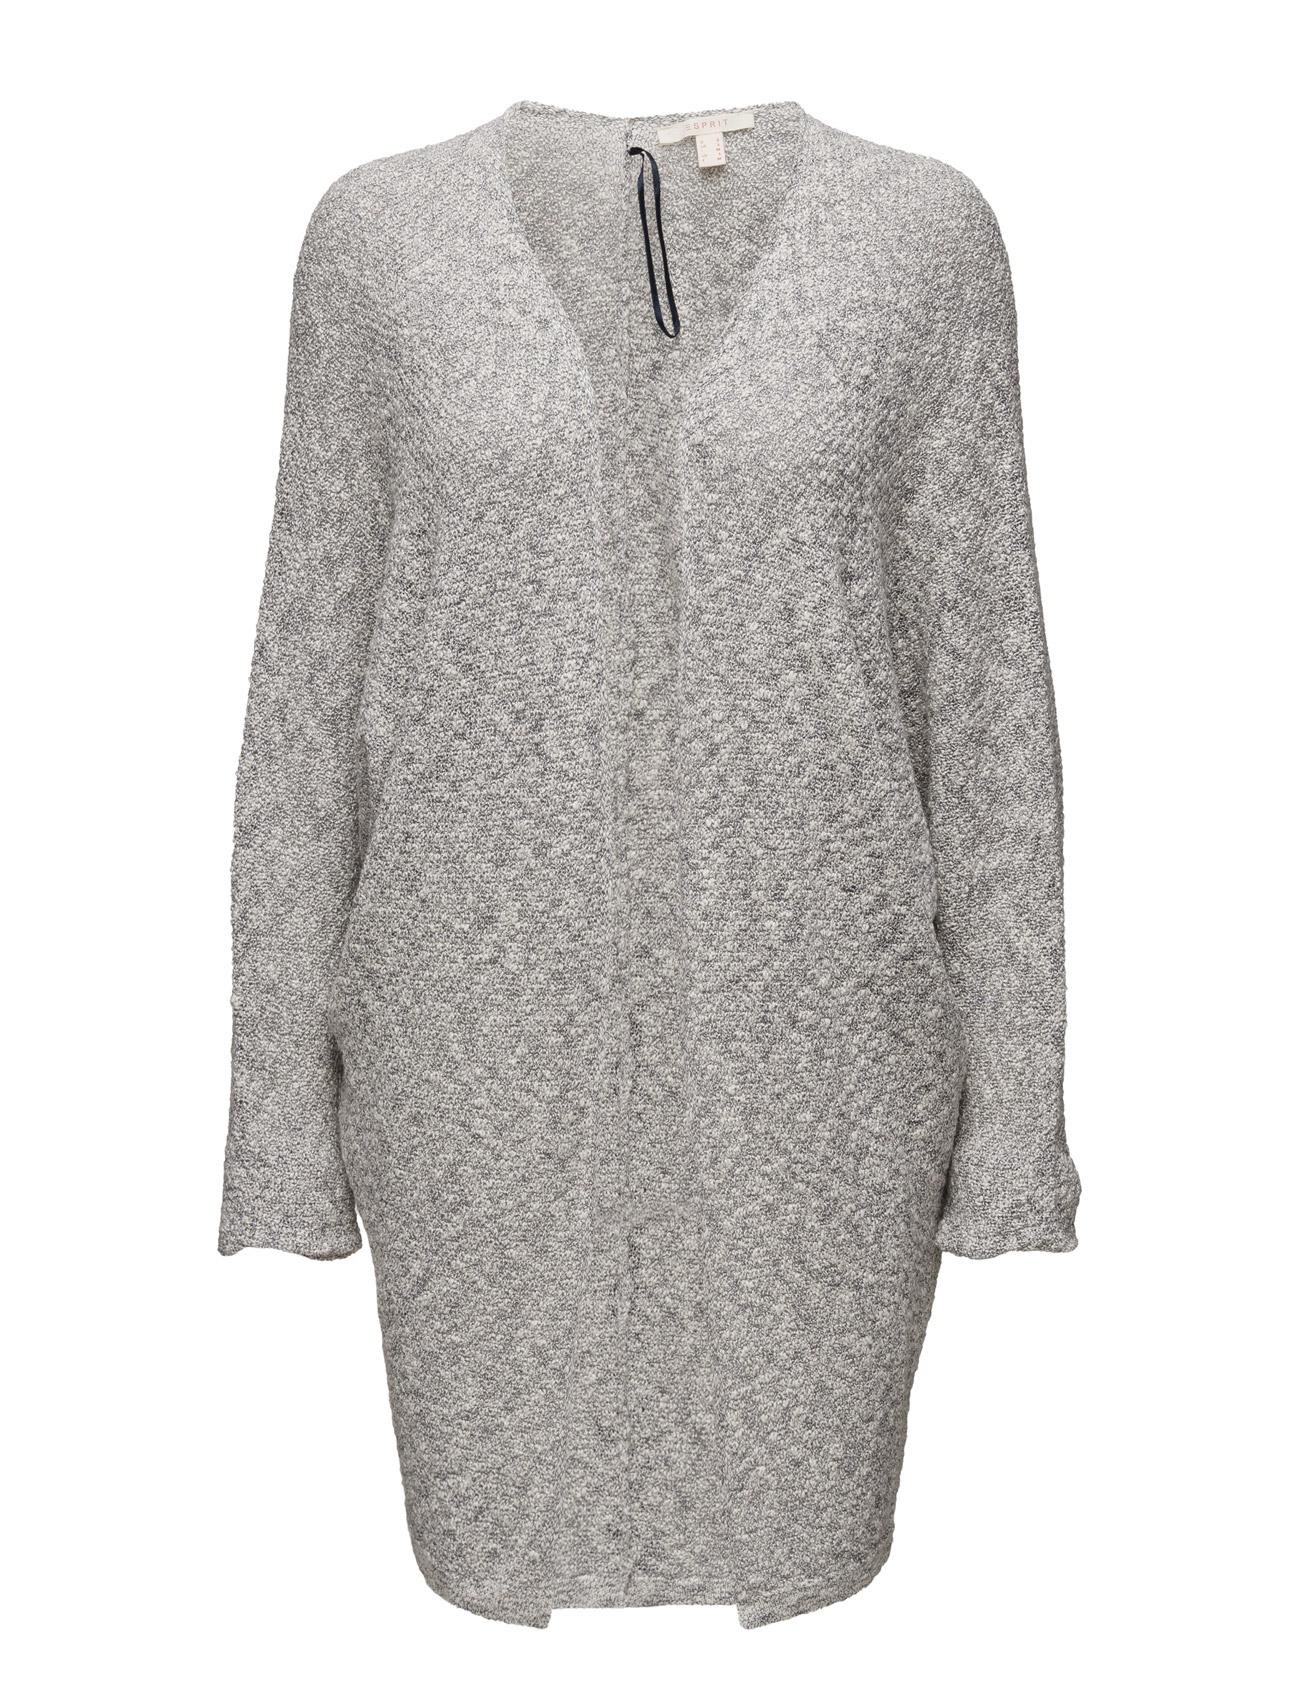 Sweaters Cardigan Esprit Casual Cardigans til Kvinder i Navy 3